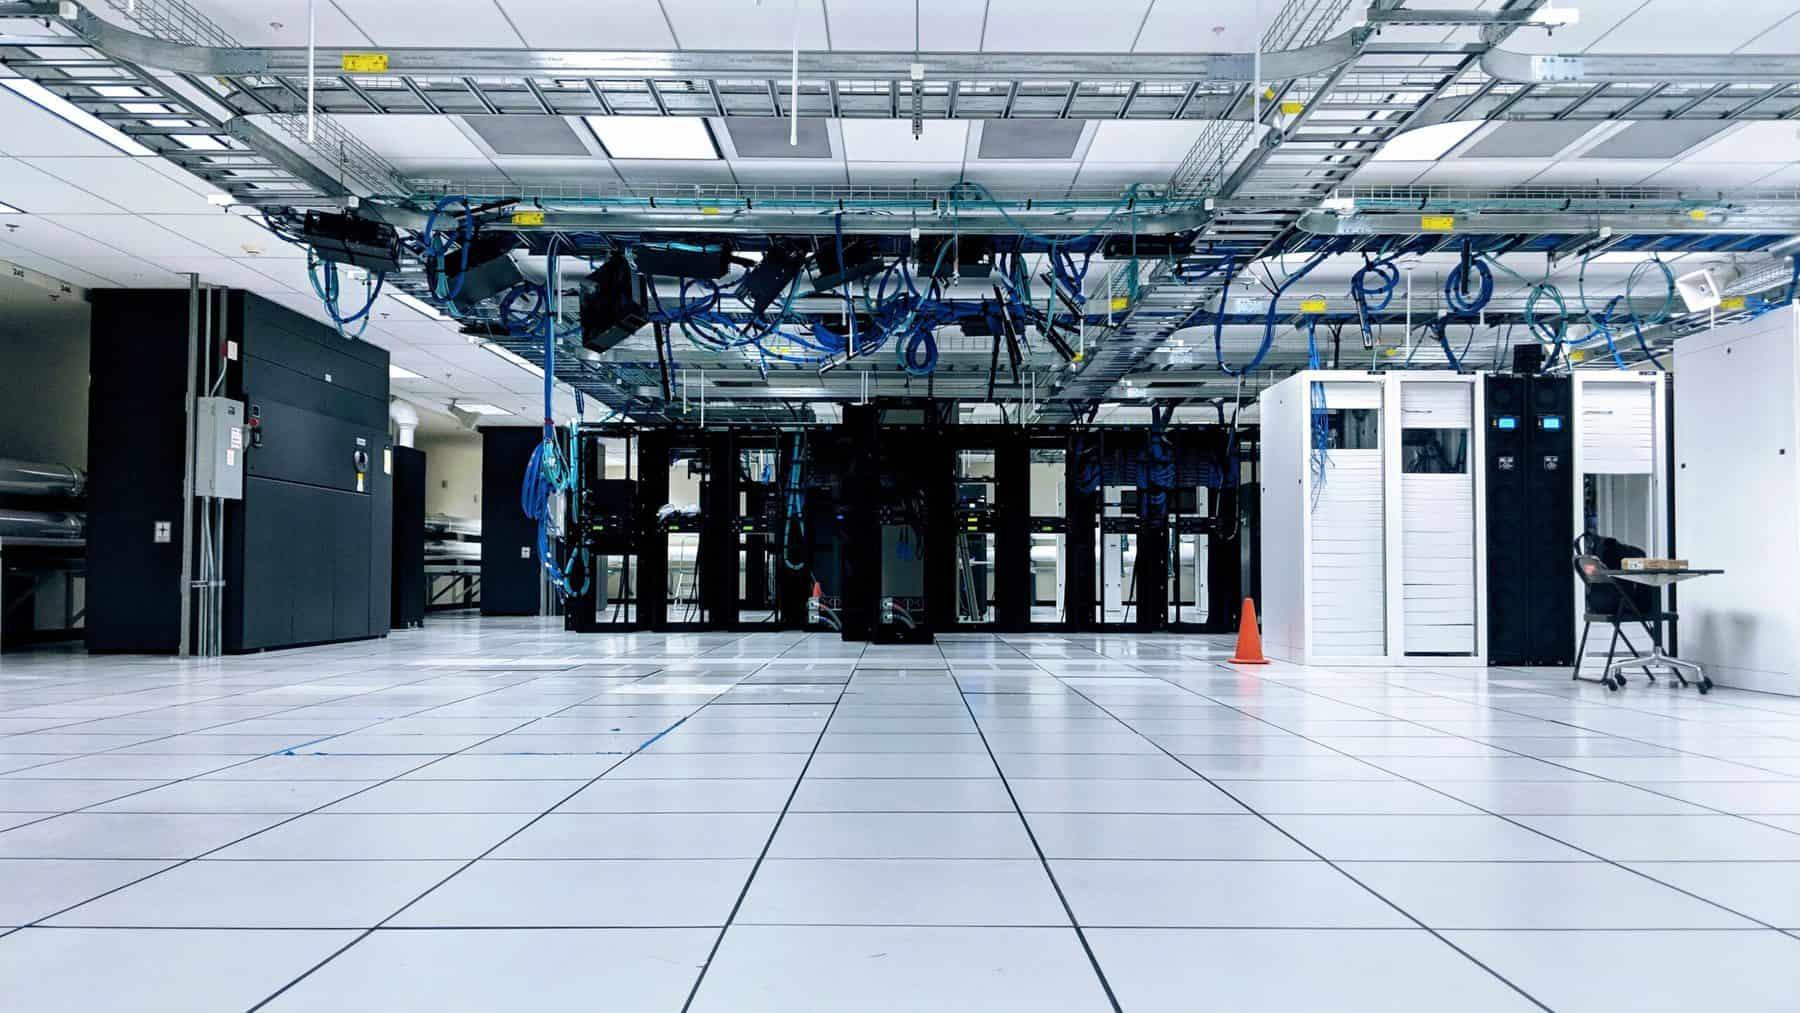 M&E services, Data centre white space services